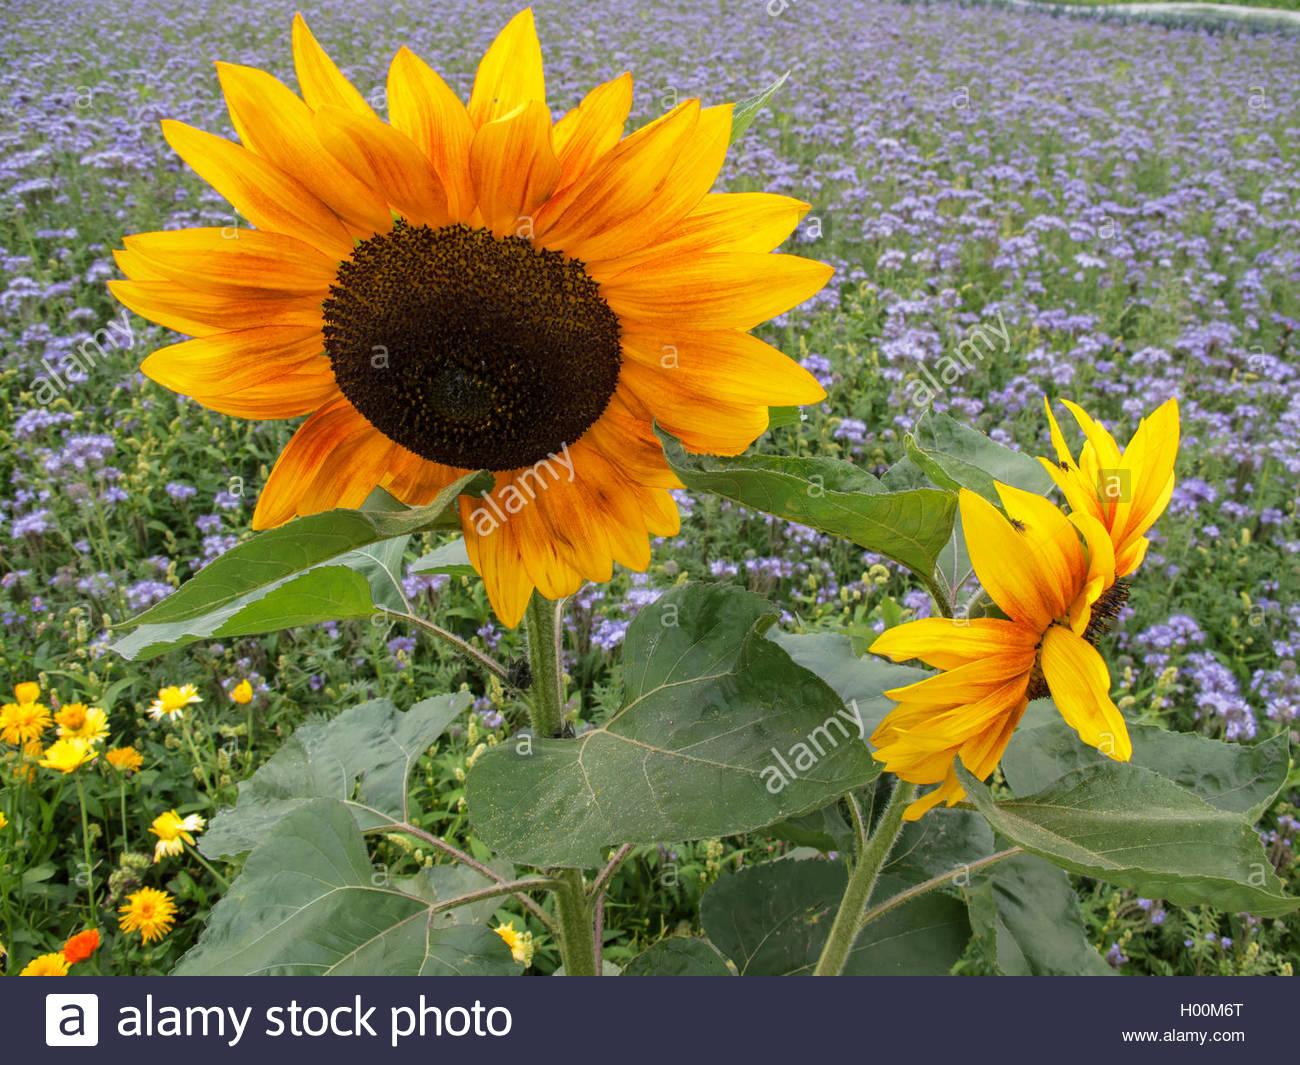 Sonnenblume, Sonnen-Blume (Helianthus annuus), zweifarbig bluehend, Deutschland   common sunflower (Helianthus annuus), - Stock Image